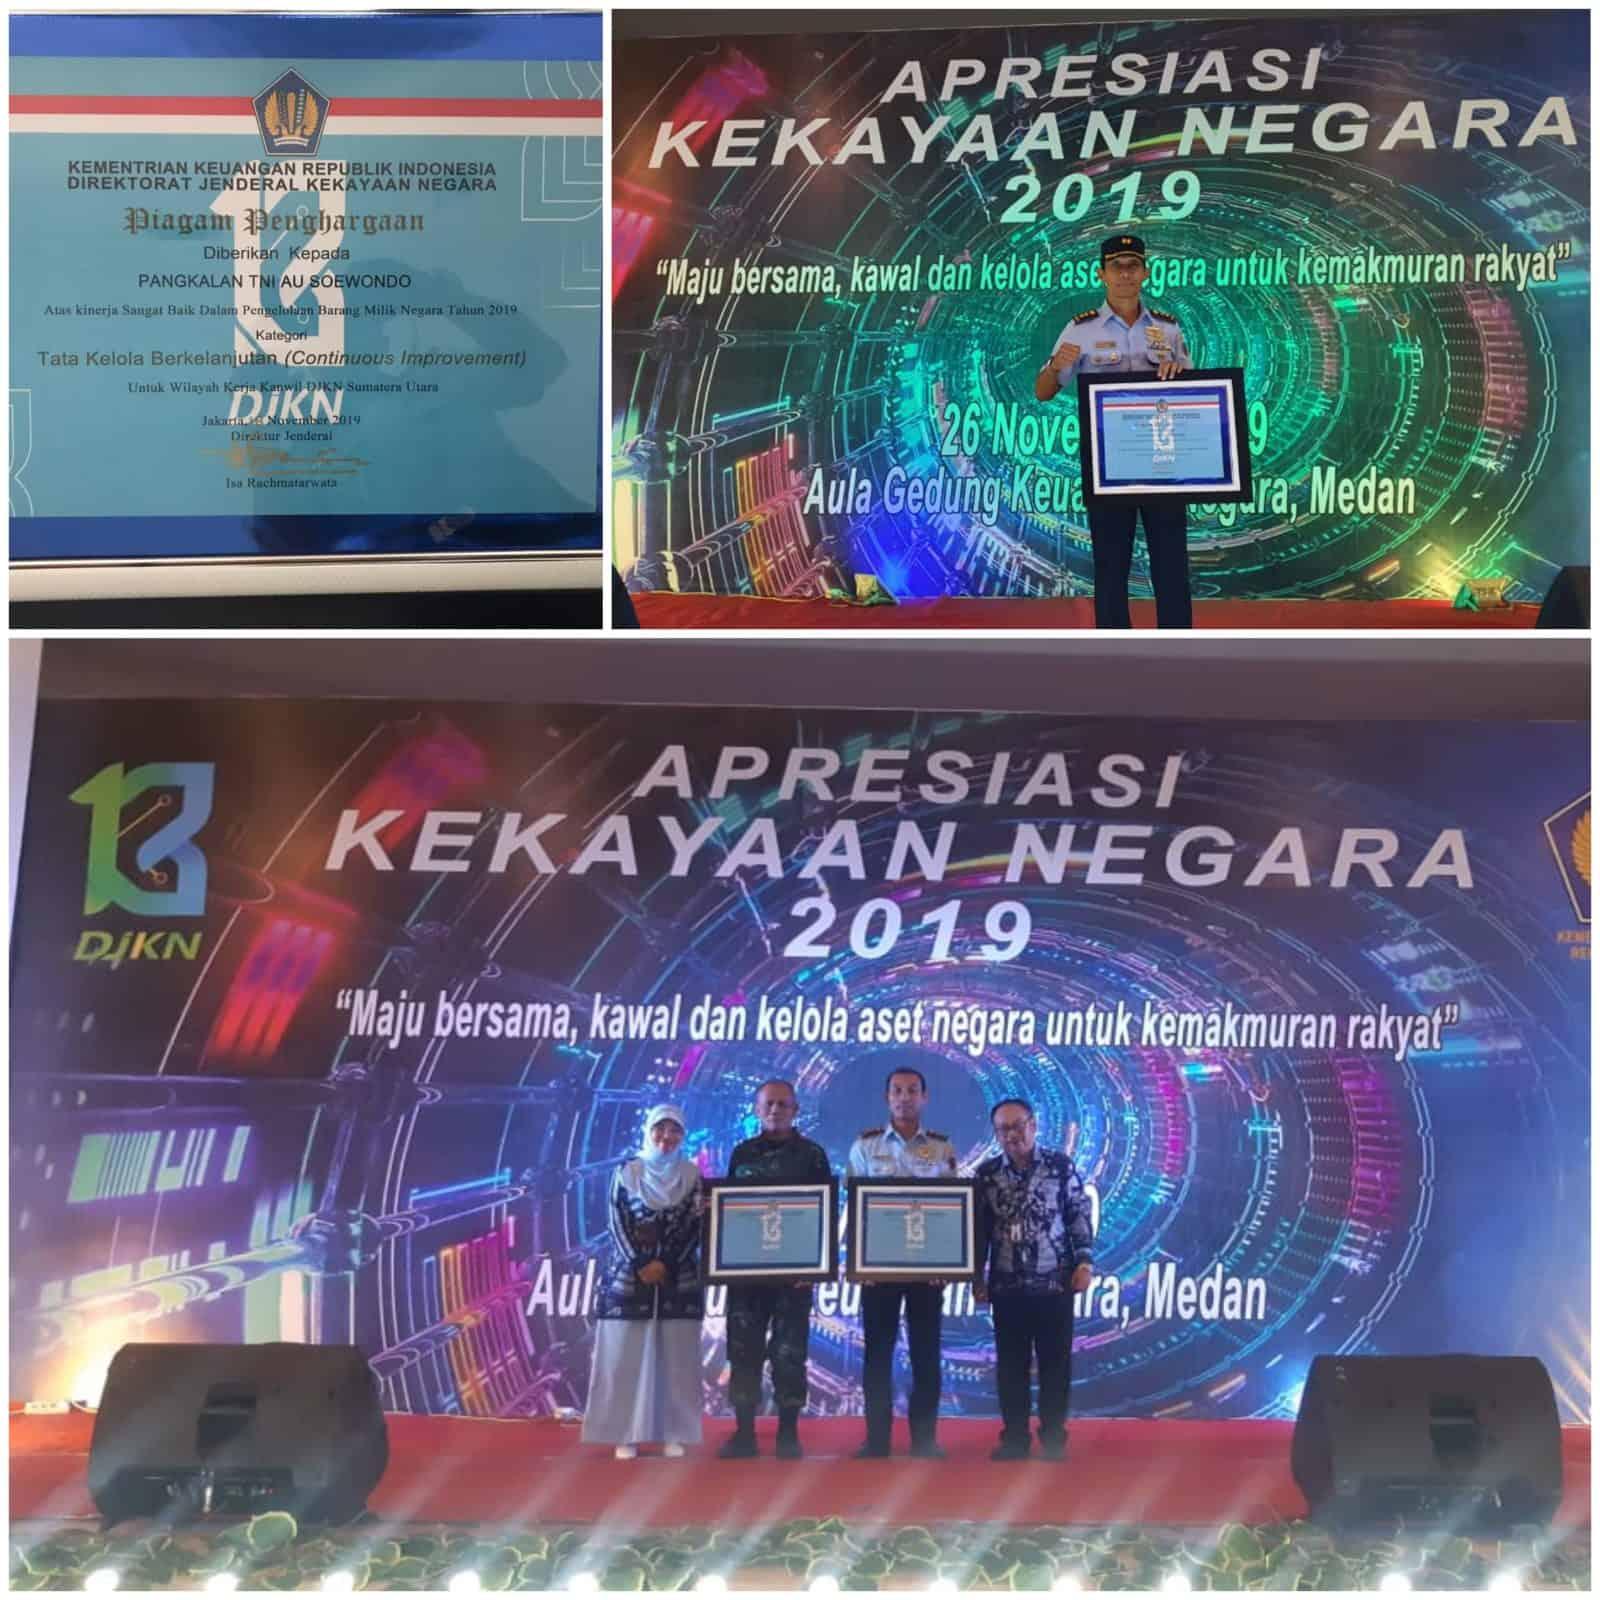 Lanud Soewondo Menerima Piagam Penghargaan Kinerja Sangat Baik Dalam Pengelolaan BMN Dari Dirjen Kekayaan Negara